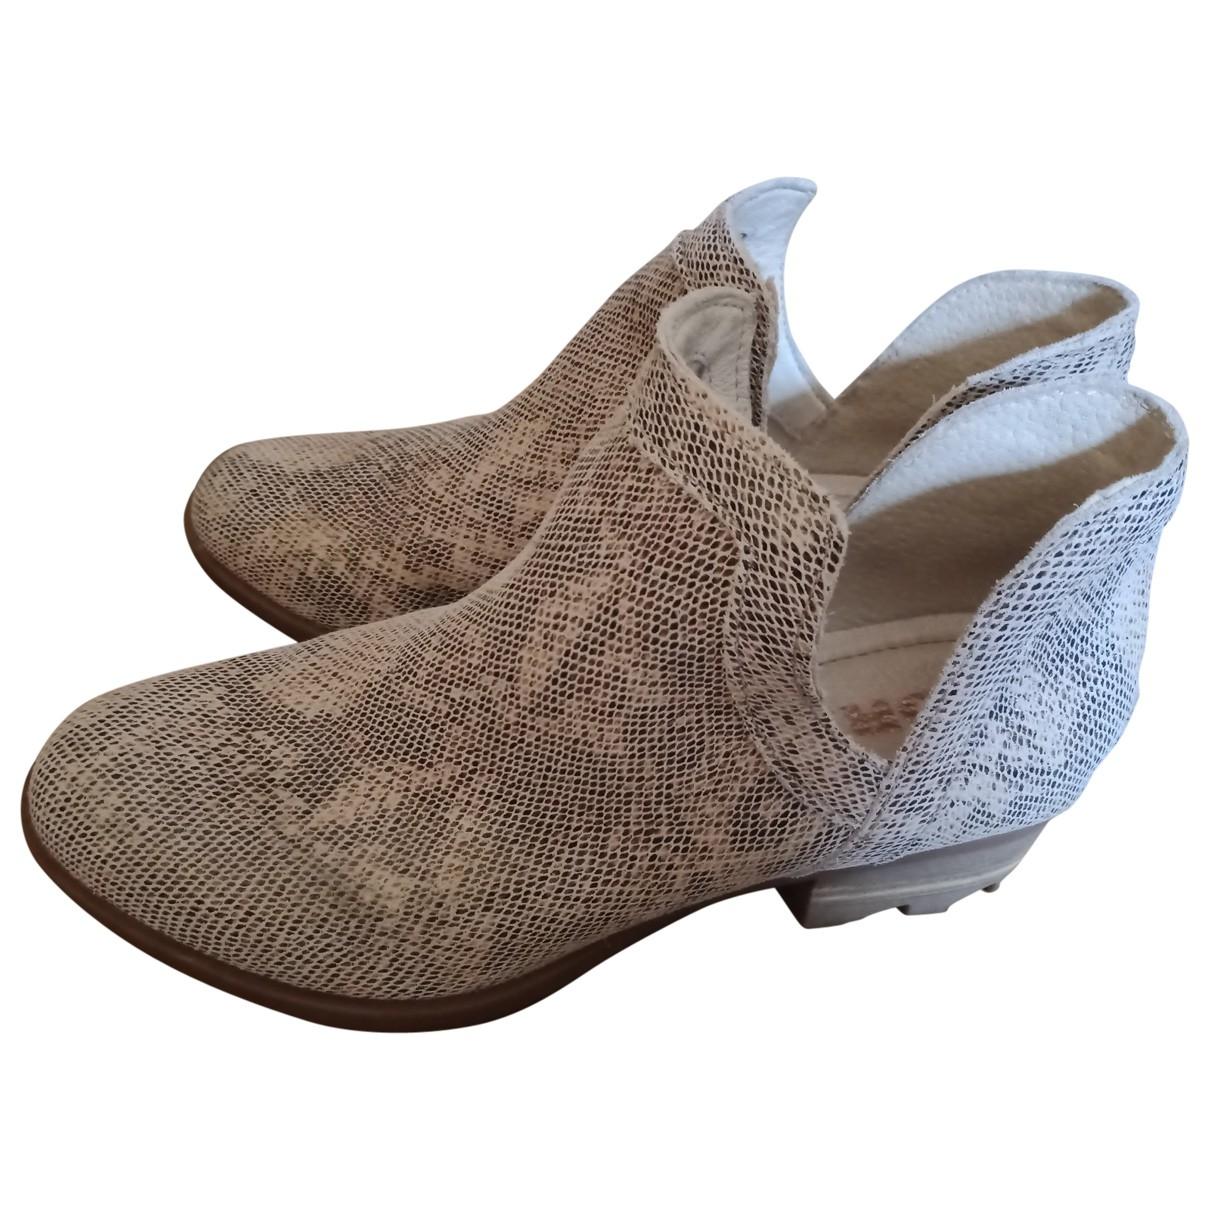 Sorel - Boots   pour femme en caoutchouc